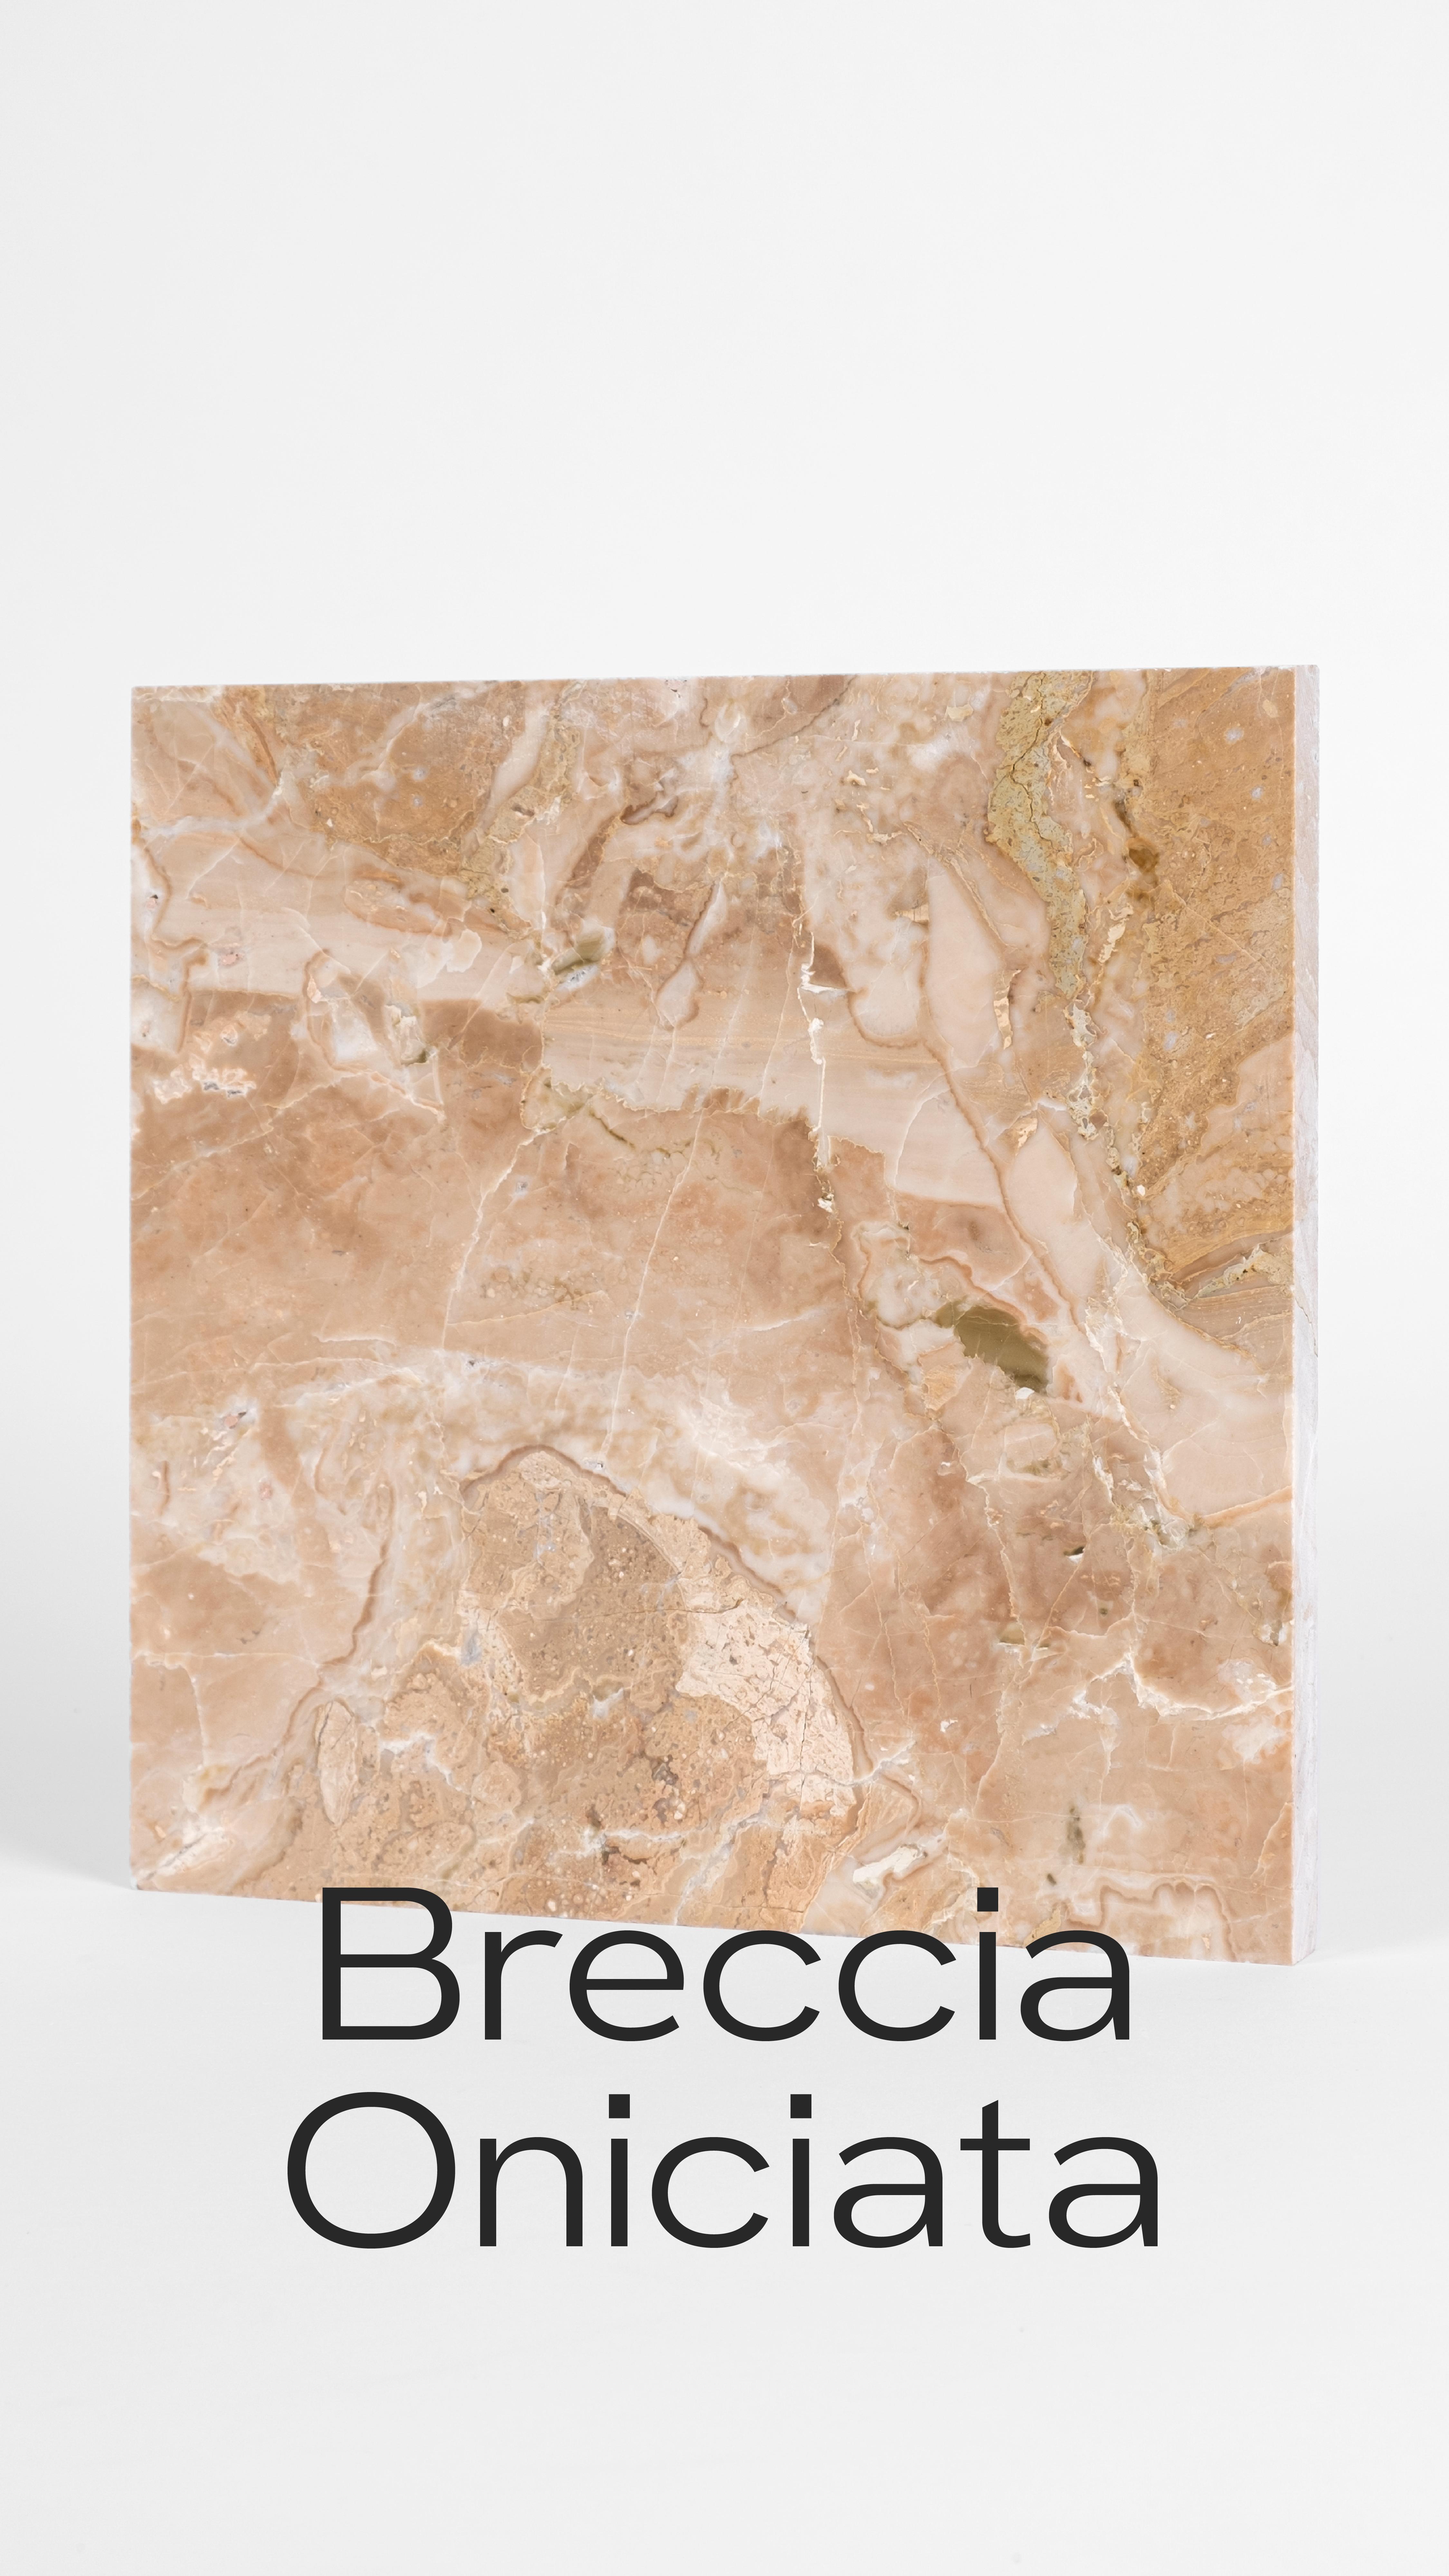 Breccia Oniciata In 2020 Natural Stones Marble Design Furniture Design